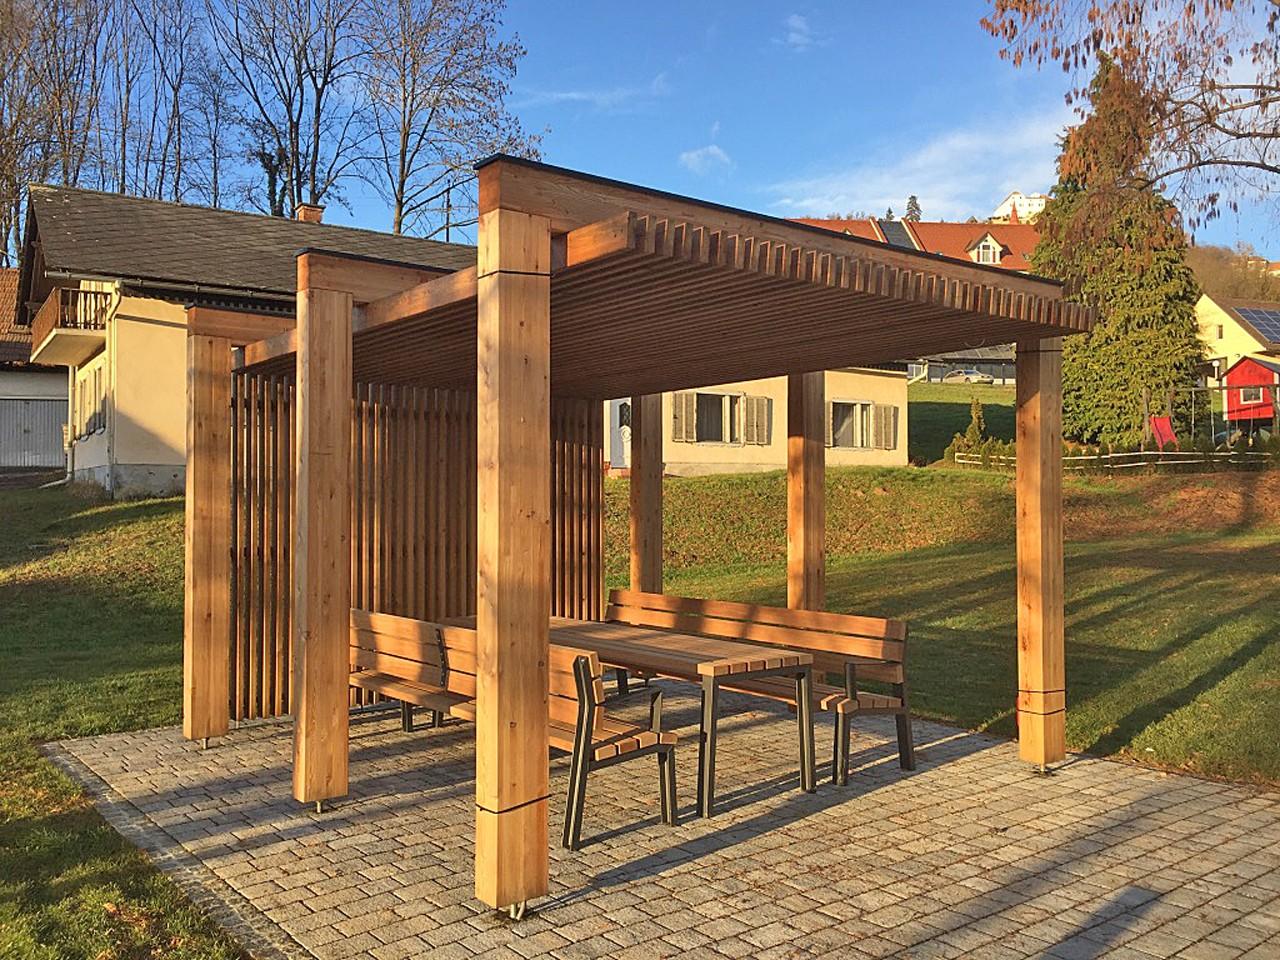 Full Size of Garten Pergola Holz Kaufen Bauen Moderne Selber Aus Metall Gebraucht Modern Wassertank Zeitschrift Vertikaler Und Landschaftsbau Hamburg Vertikal Sonnensegel Garten Garten Pergola